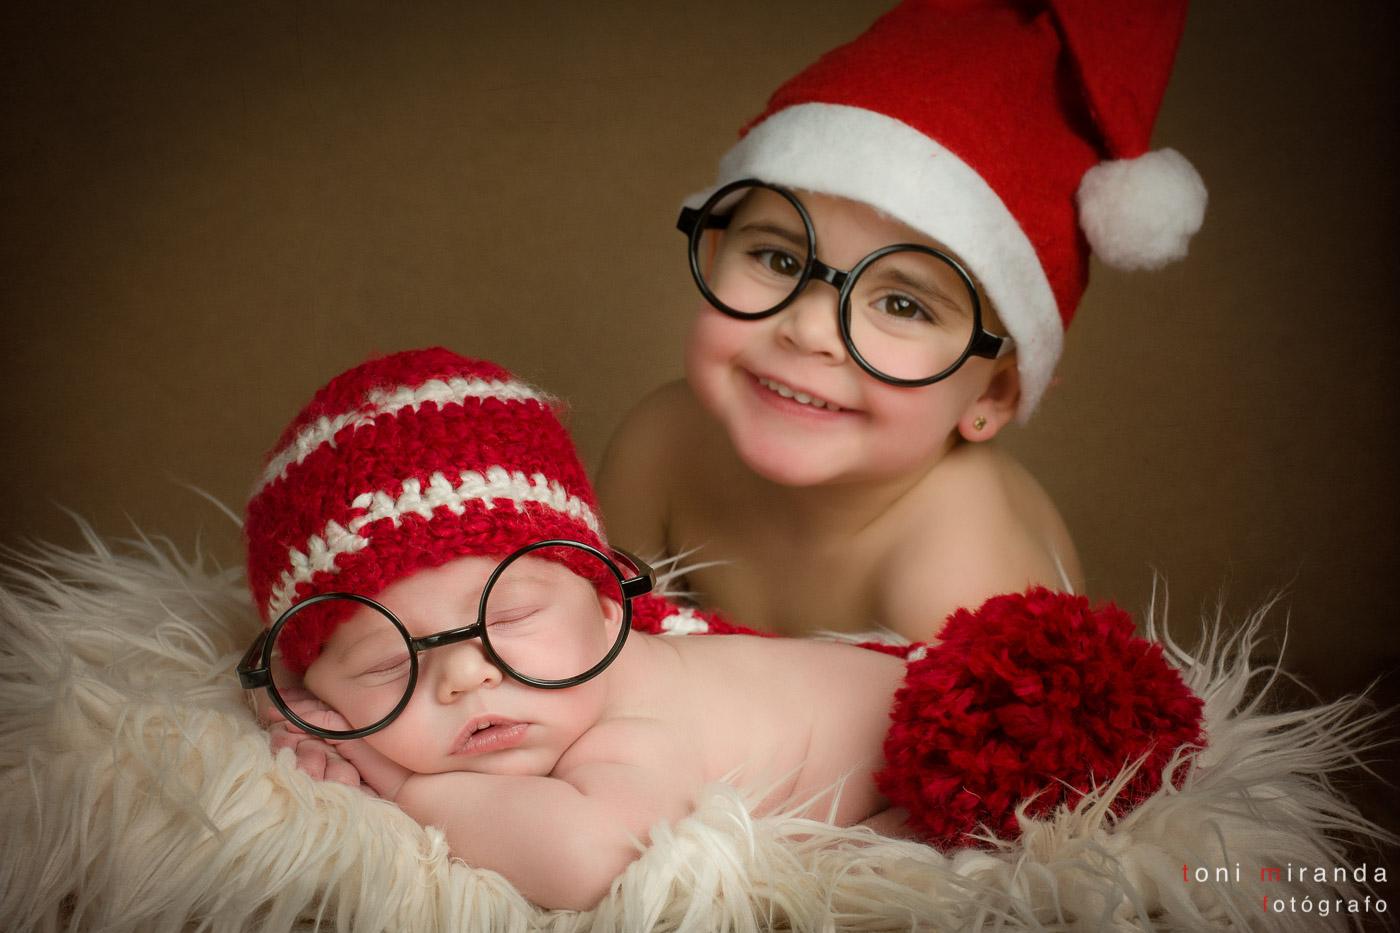 bebe recien nacido con su hermana en foto tipica de navidad